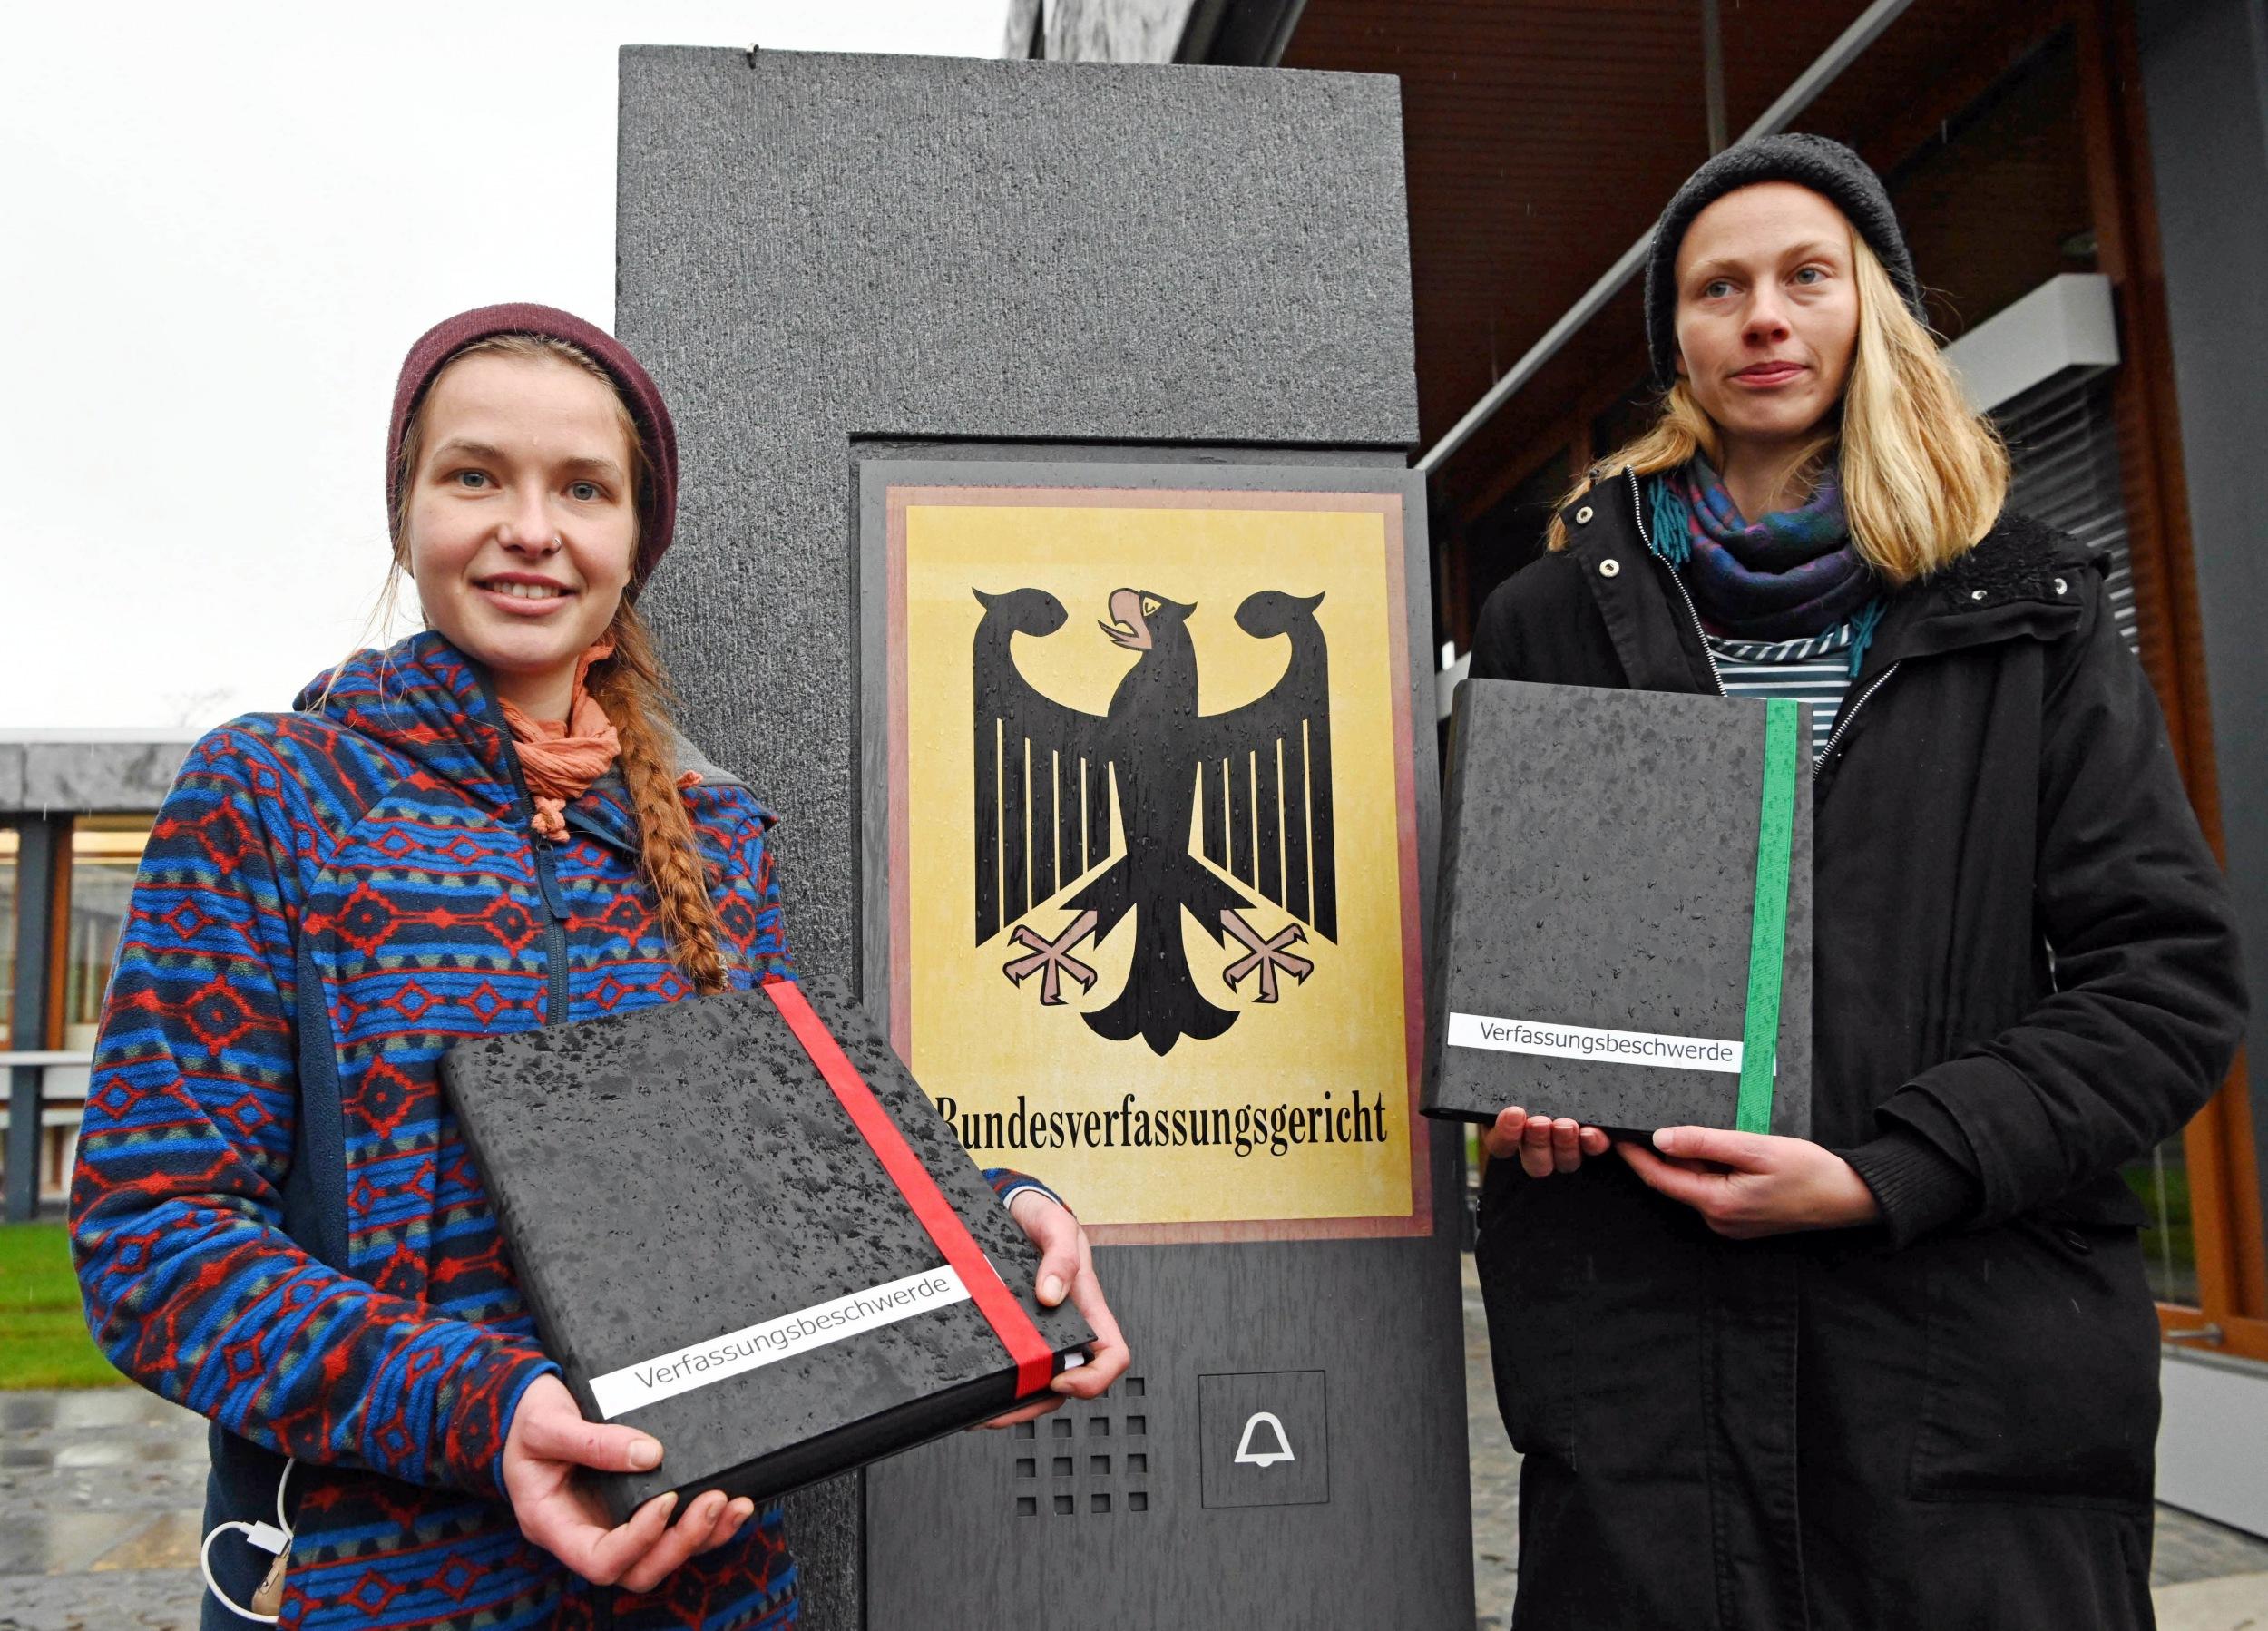 Die beiden StudentinnenCaroline Kuhn (rechts) und Franziska Schmitt beim Einwurf ihrer Verfassungsbeschwerde in Karlsruhe.